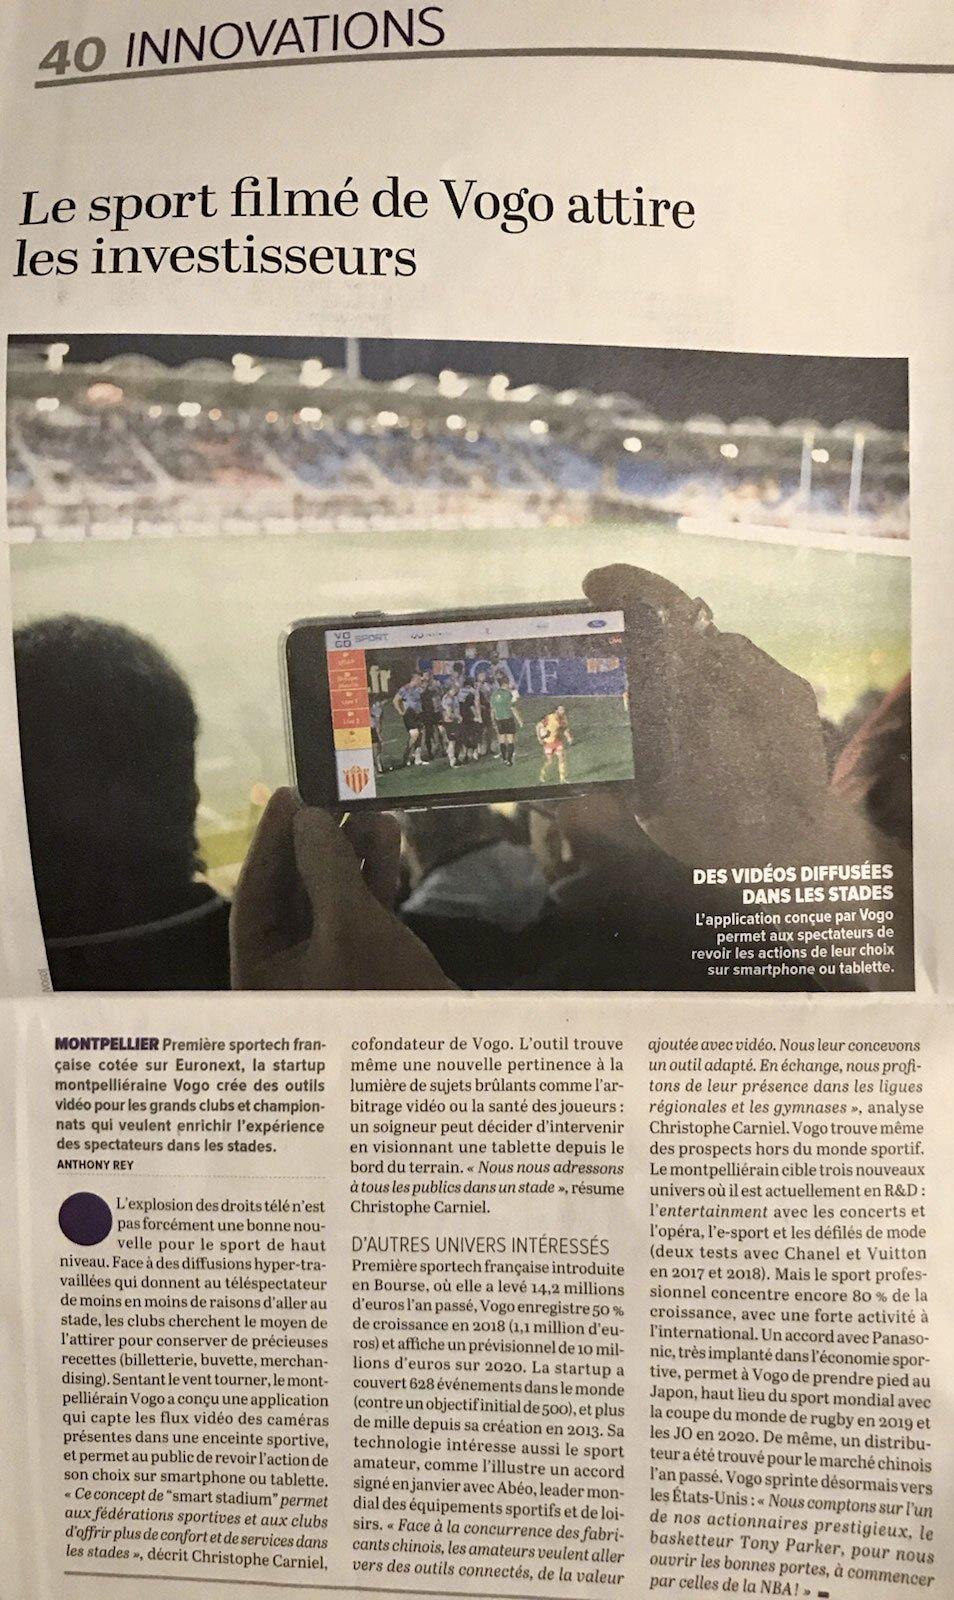 Innovations La Tribune Lundi  février